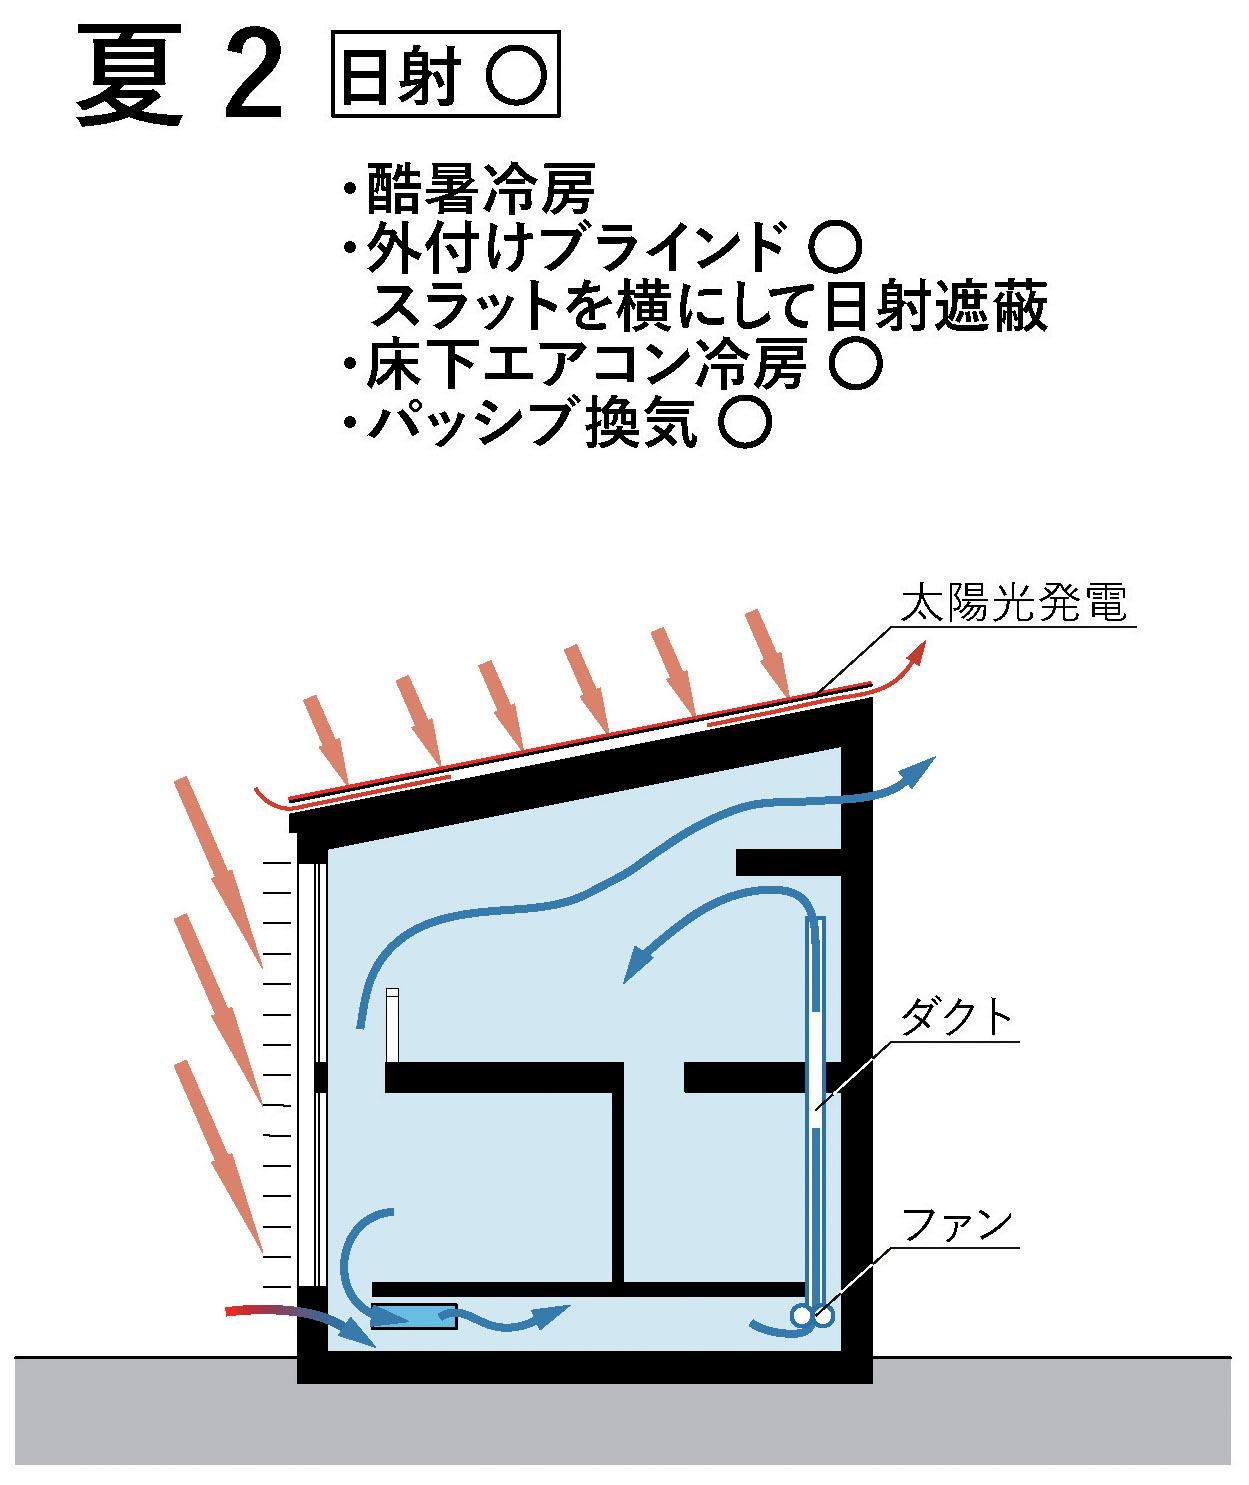 秋田から自然環境の「厳しさ」だけを 取り除く2/3_e0054299_10022170.jpg